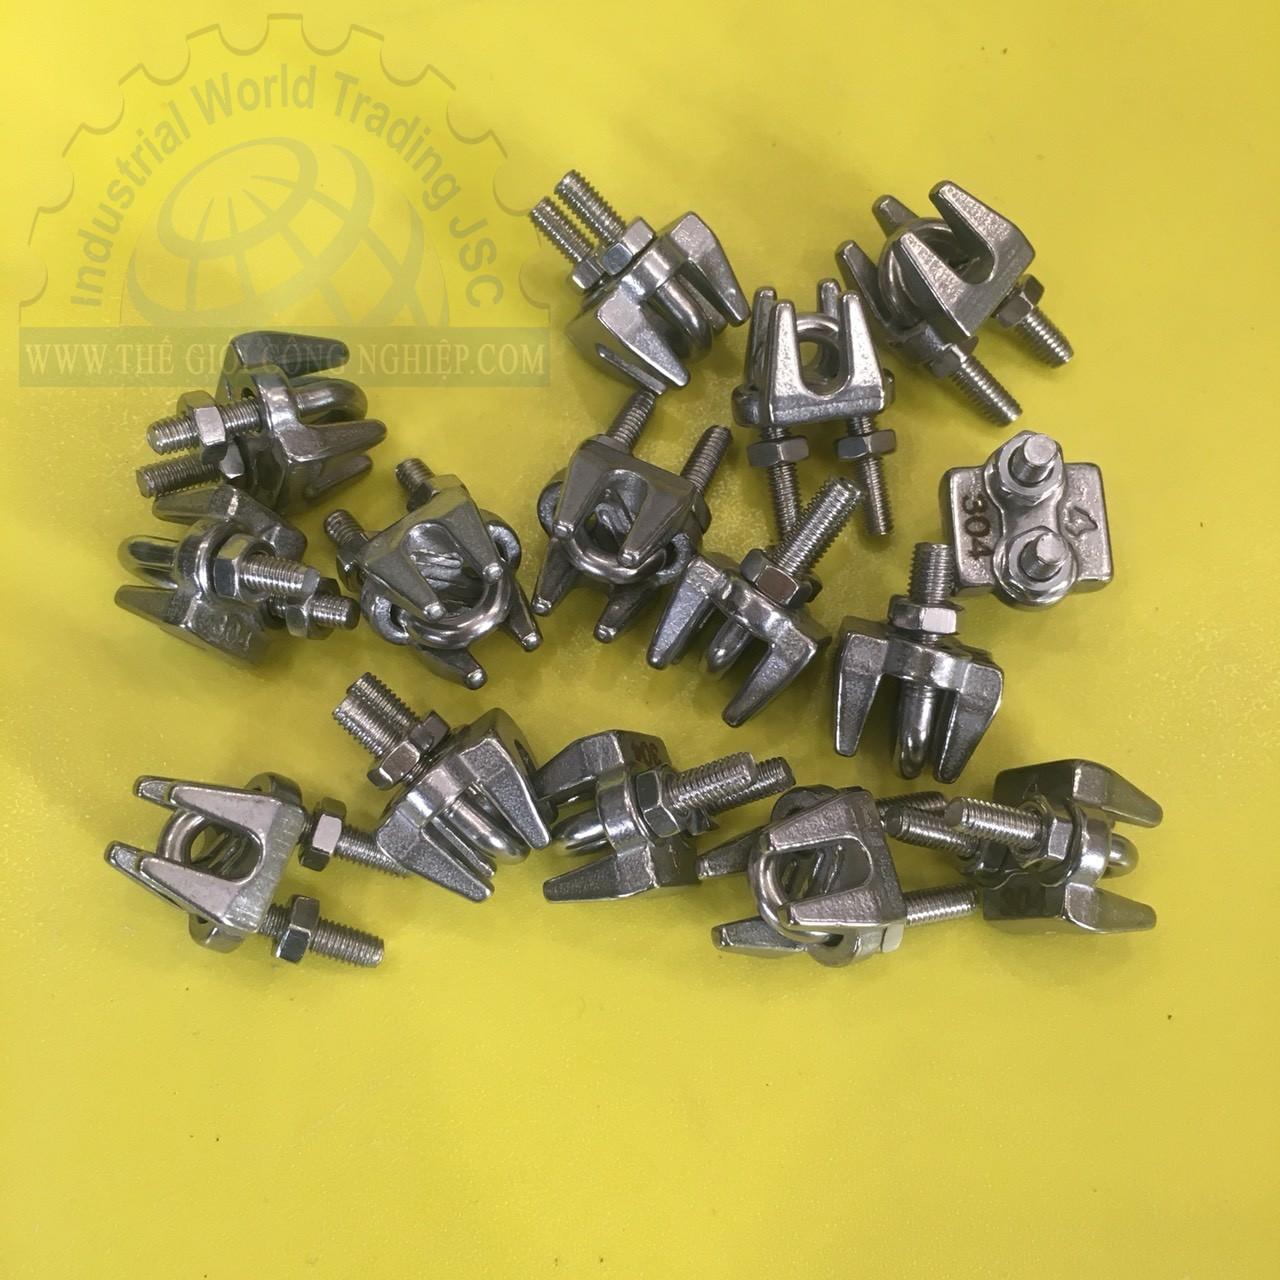 Ốc siết cáp mạ kẽm 6mm  TGCN-46515 OEM-2328